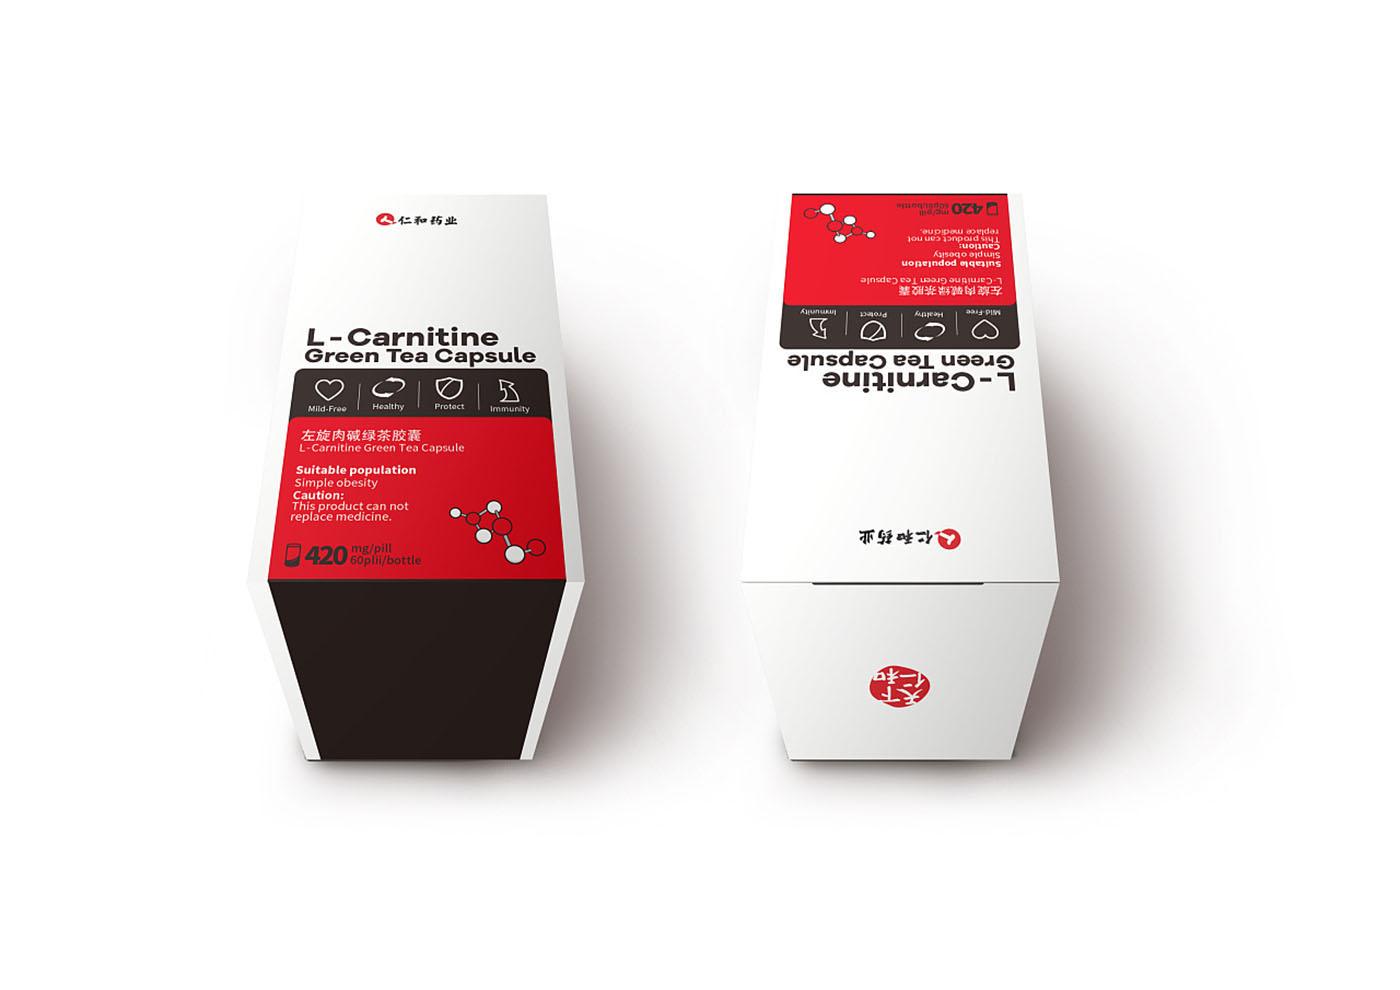 减肥系列保健品包装设计-保健品包装设计公司